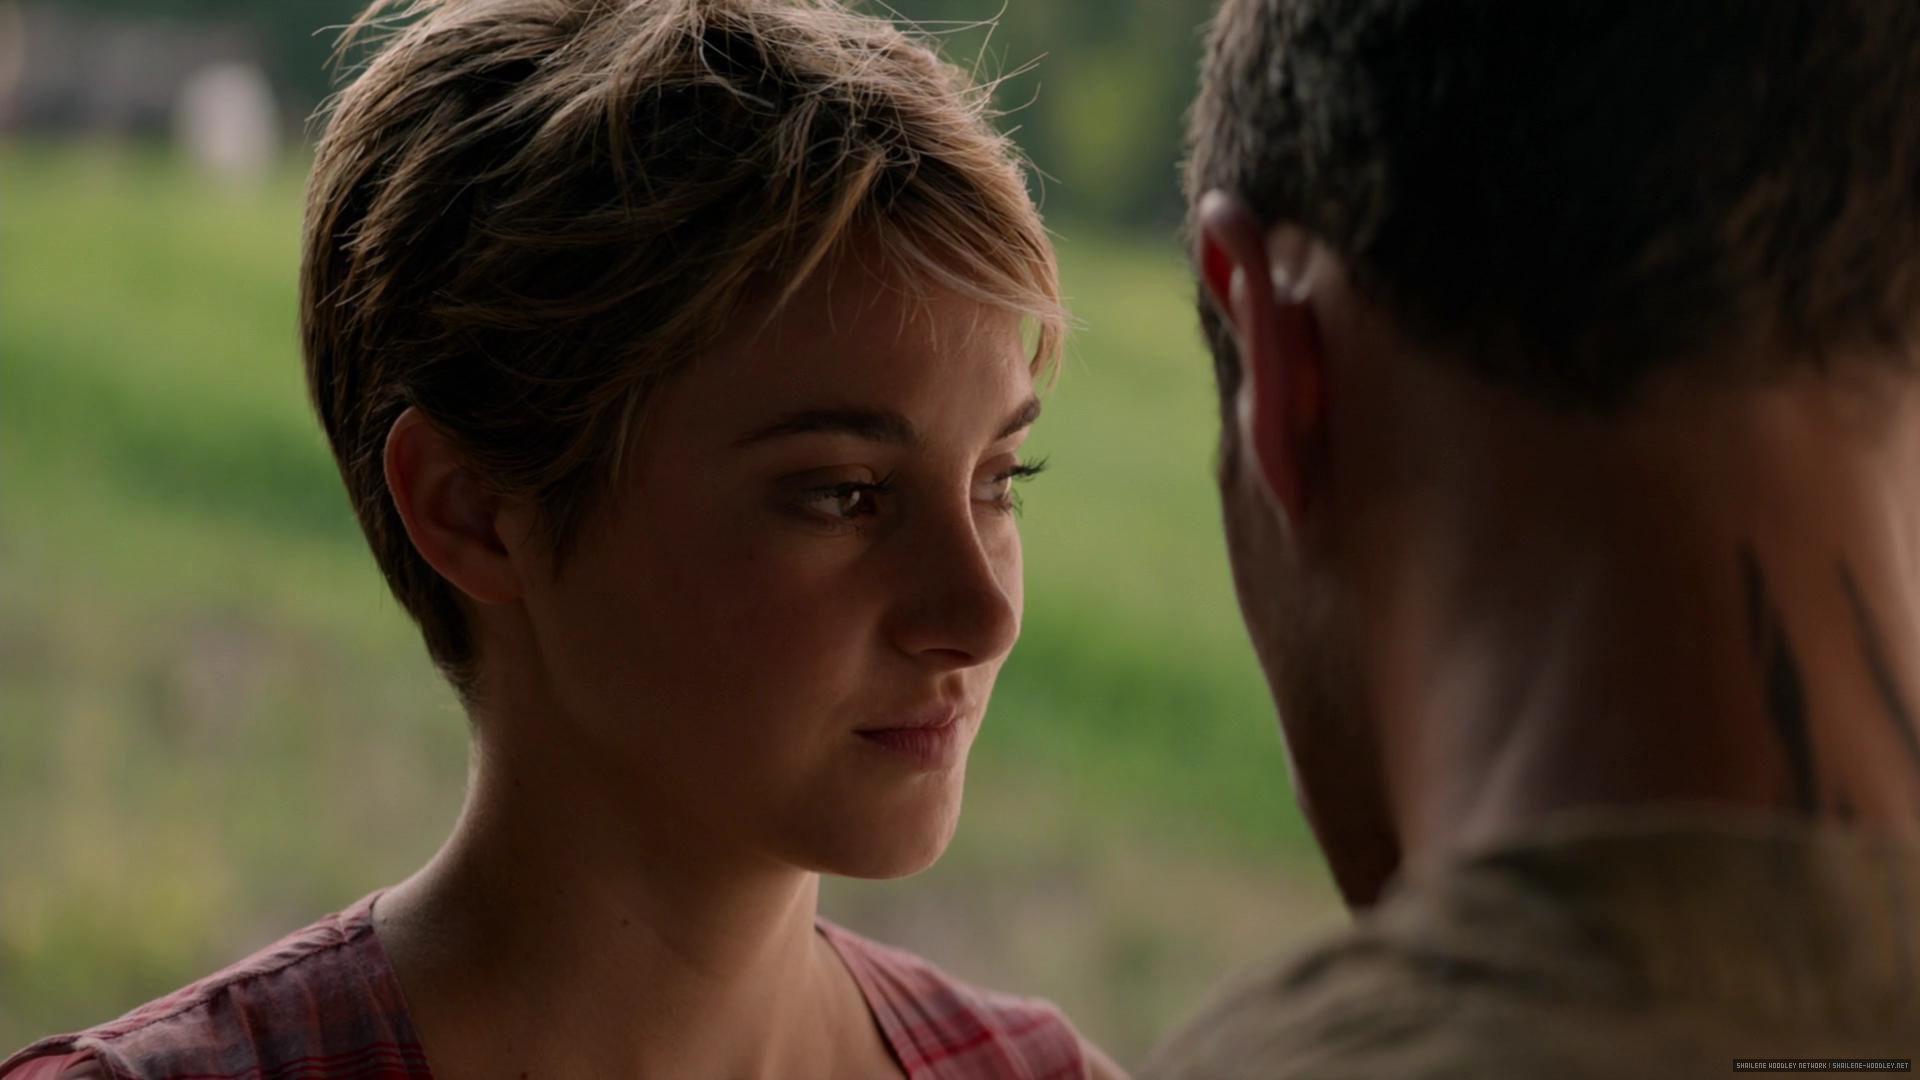 Tris Prior Insurgent  Insurgent, Insurgent movie, Divergent series